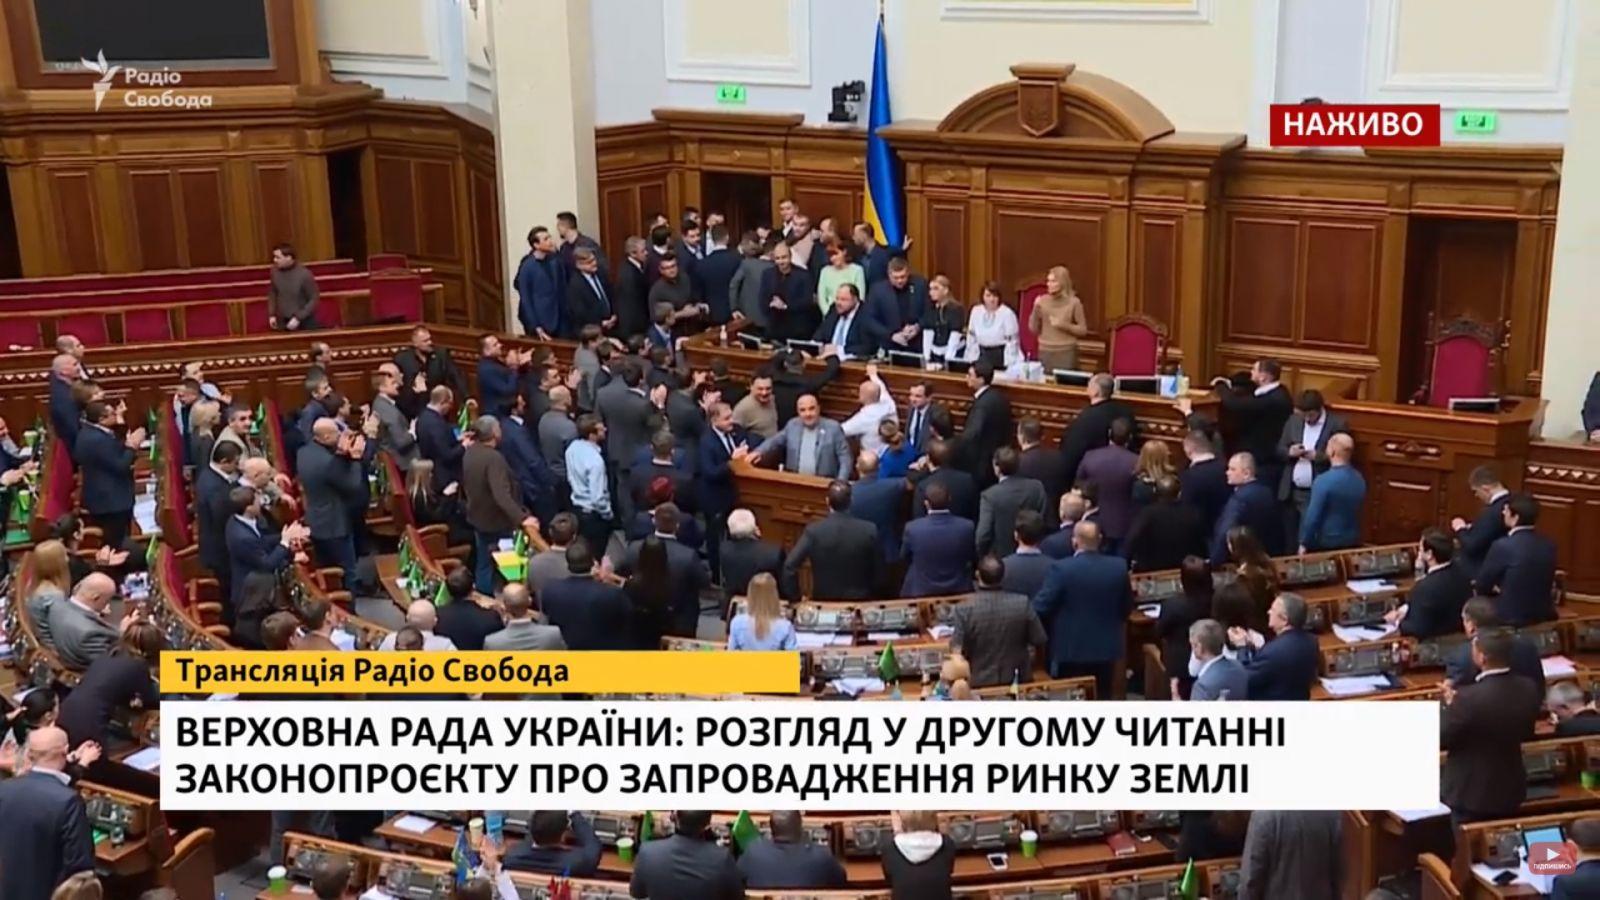 """В Раде потолкались депутаты. Стефанчук призвал не доказывать правоту в """"..."""